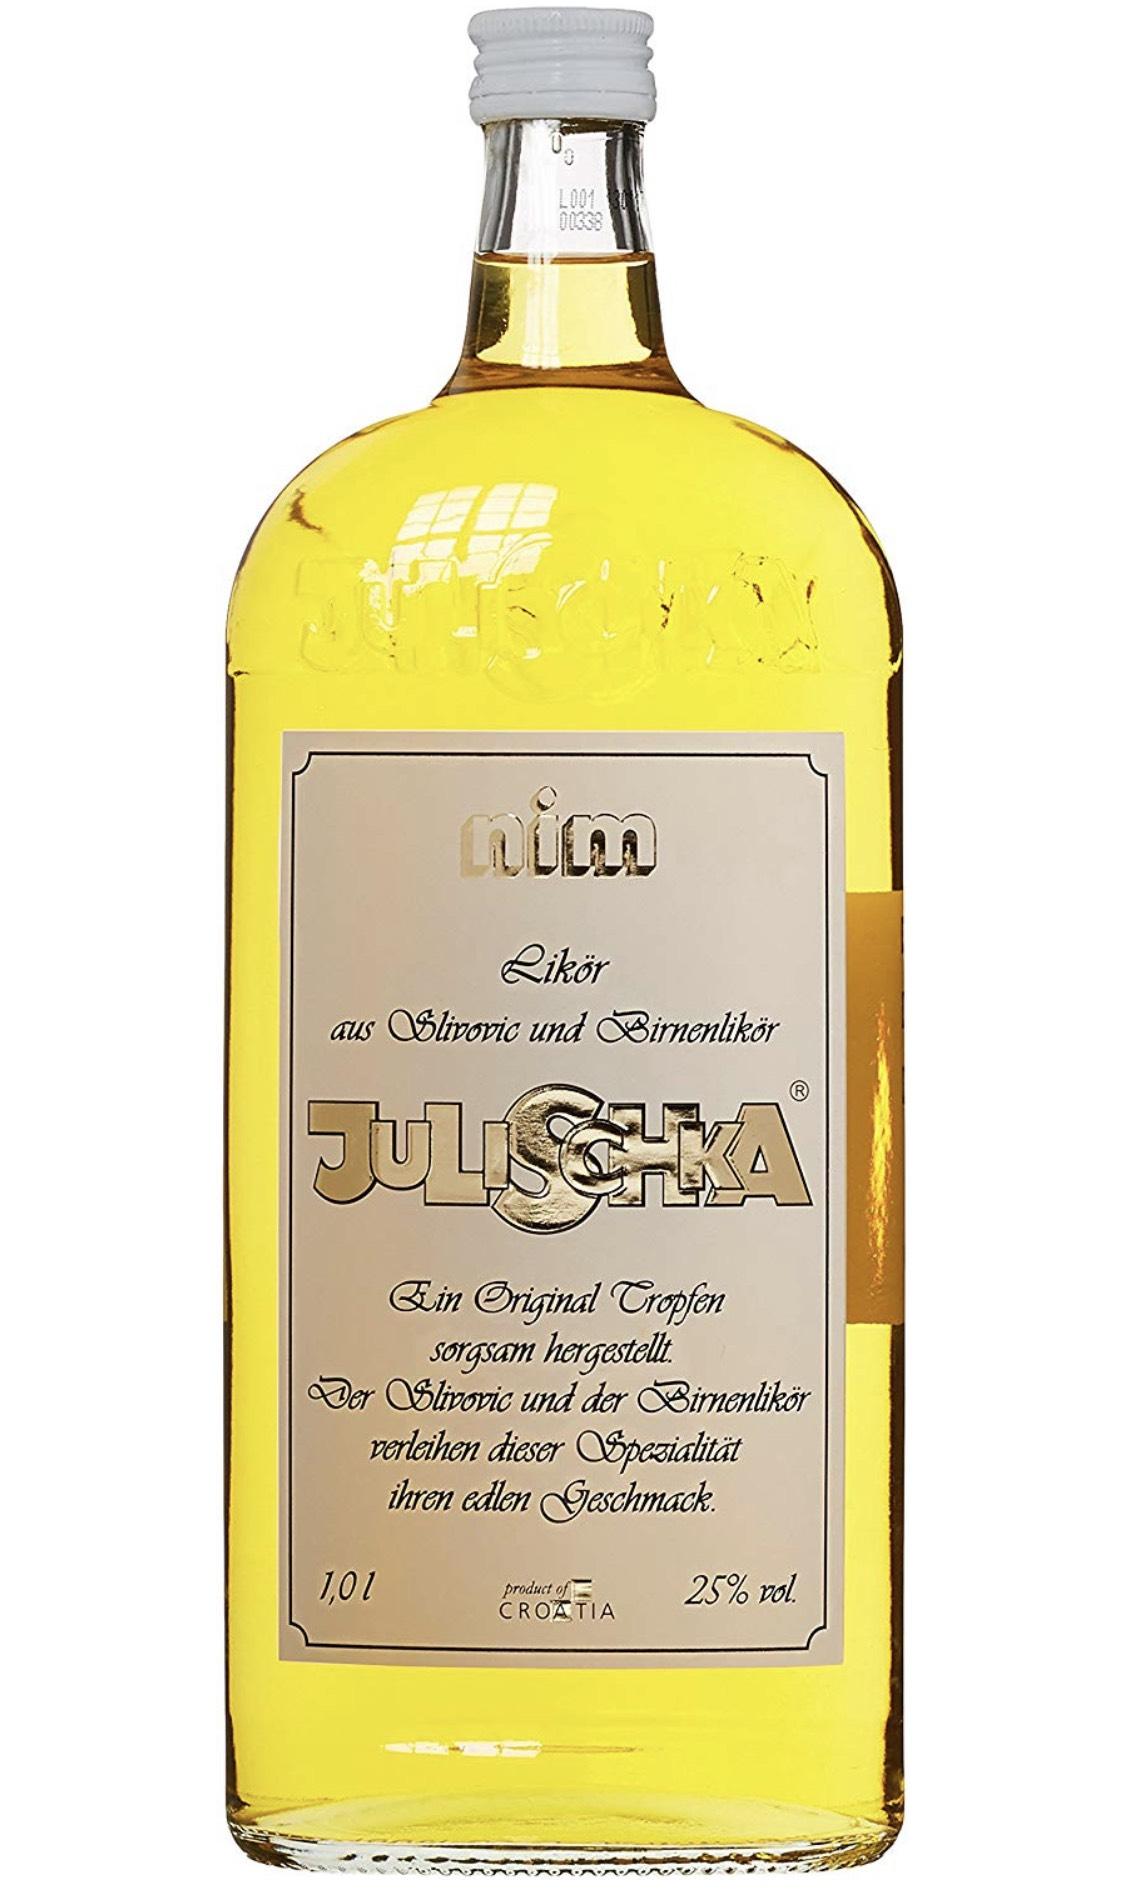 Julischka (2x 1L) 25% - Kroatischer Likör